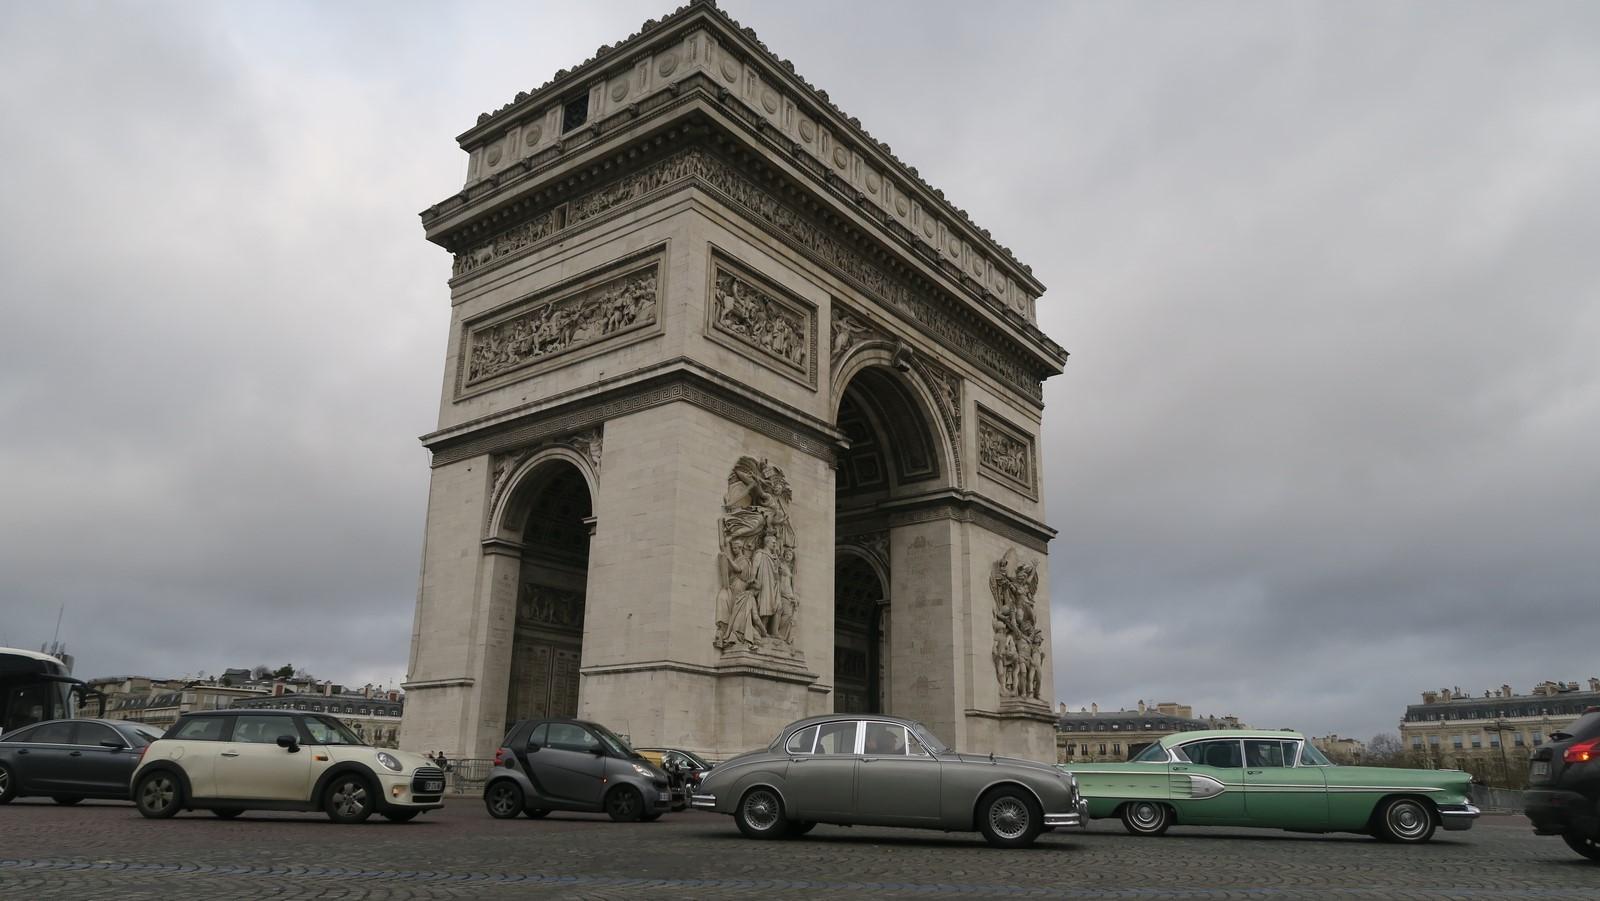 Traversee de Paris hivernale 2019 FM 69